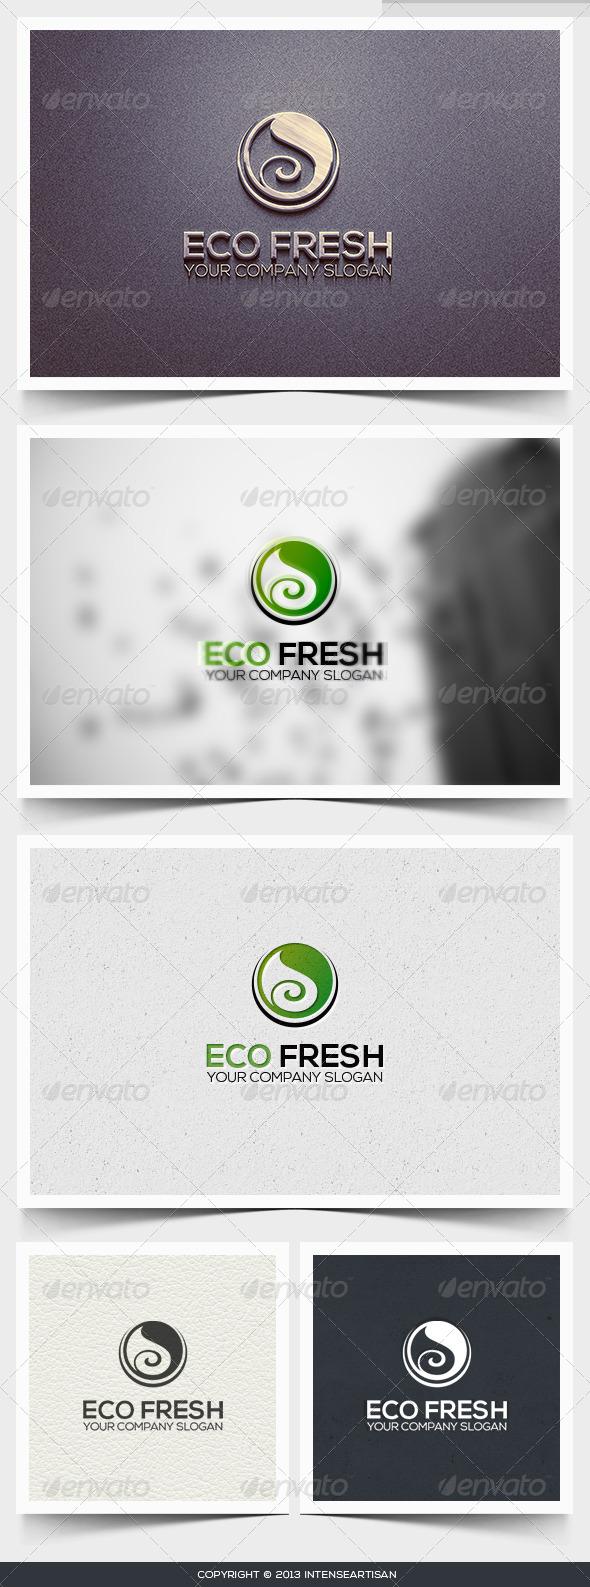 GraphicRiver Eco Fresh Logo Template 6424406